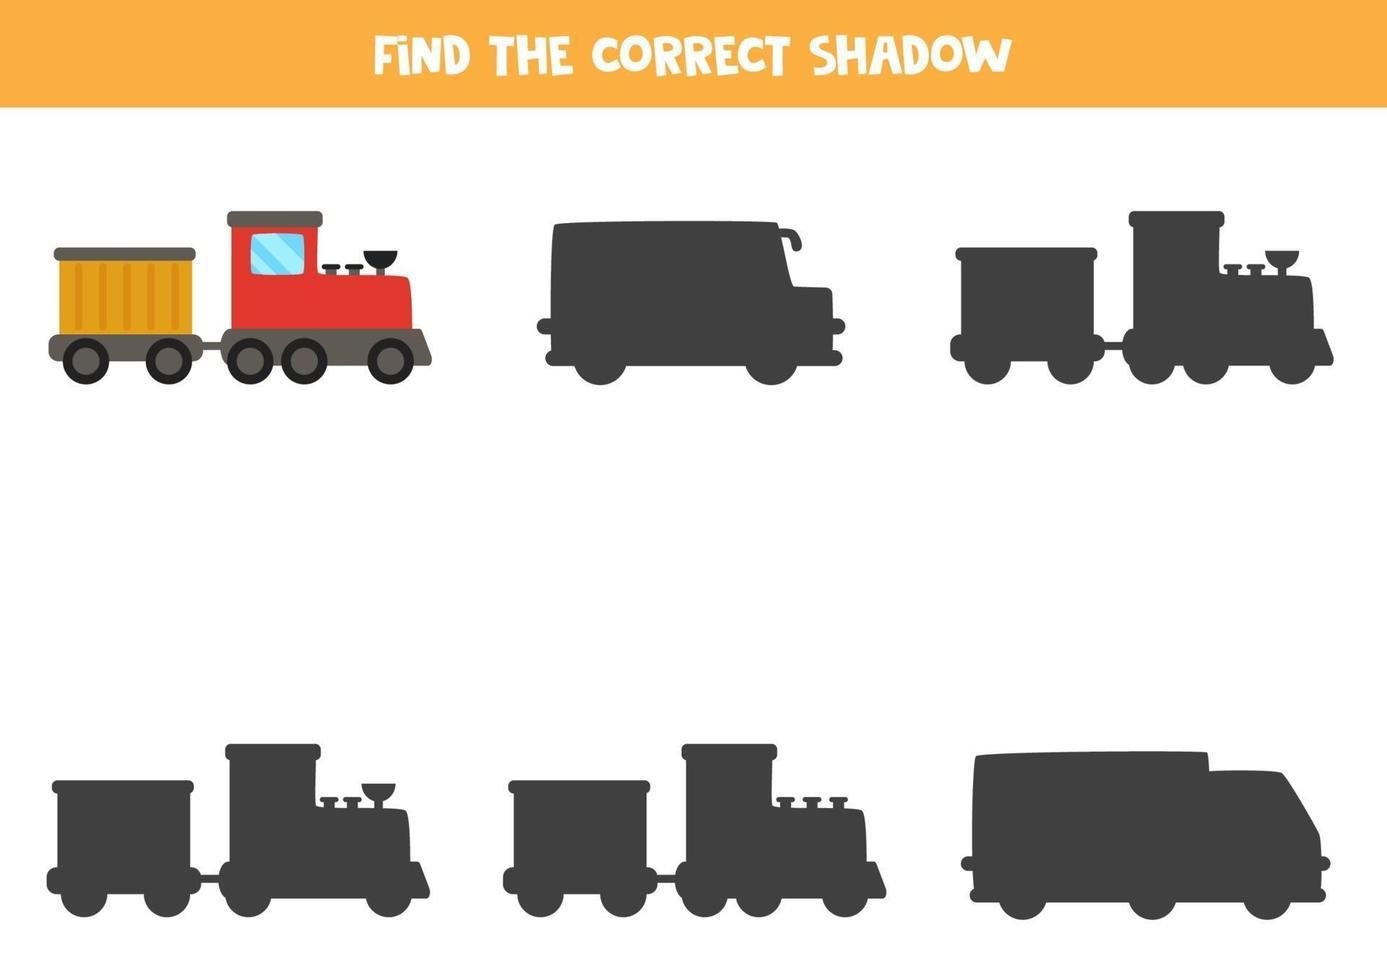 trouver la bonne ombre du train. puzzle logique pour les enfants. vecteur